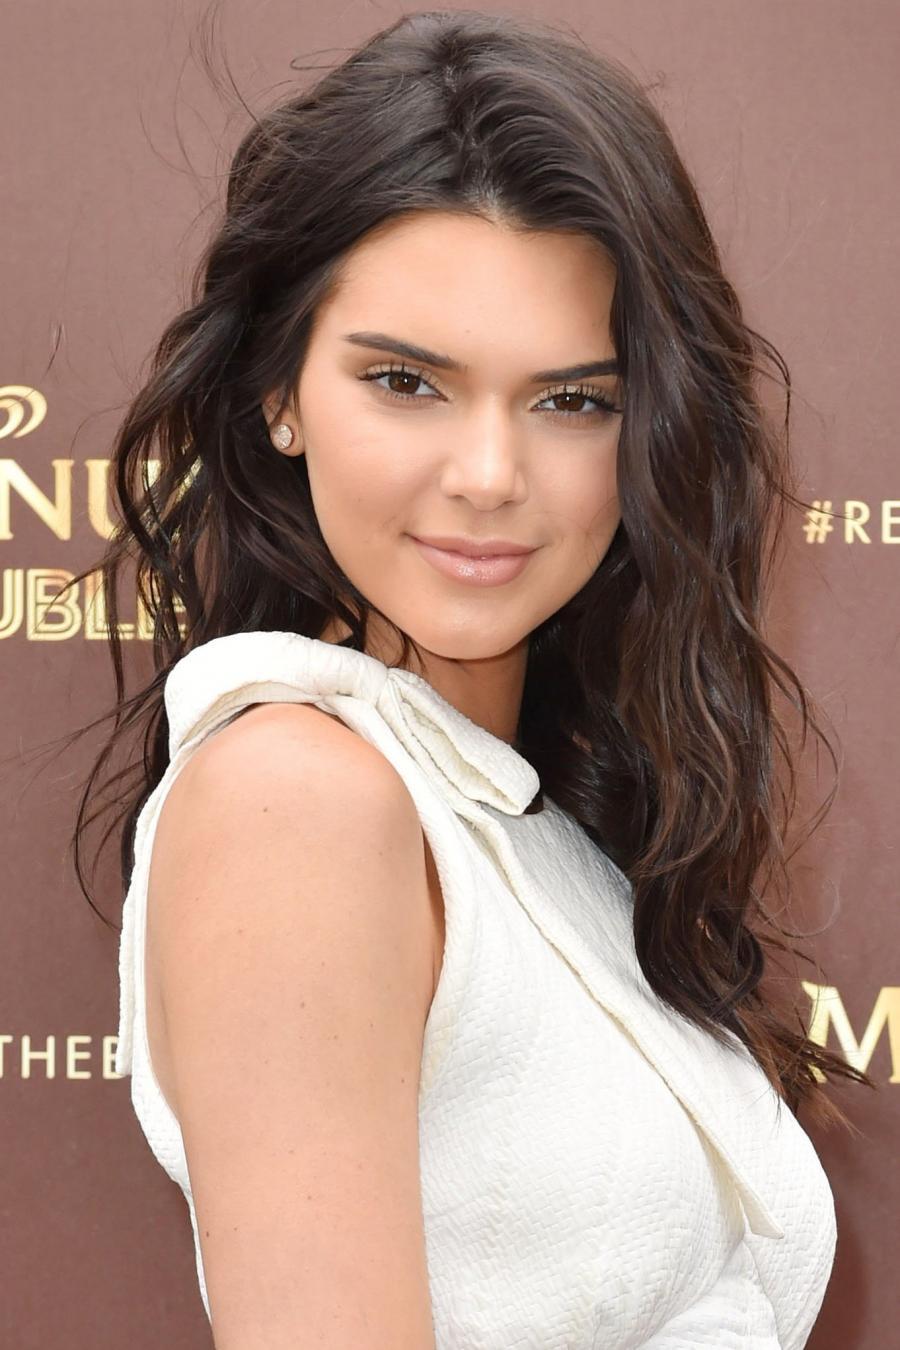 Lange Pruiken Echt Haar.Nope Het Is Geen Pruik Kendall Jenner Heeft Echt Haar